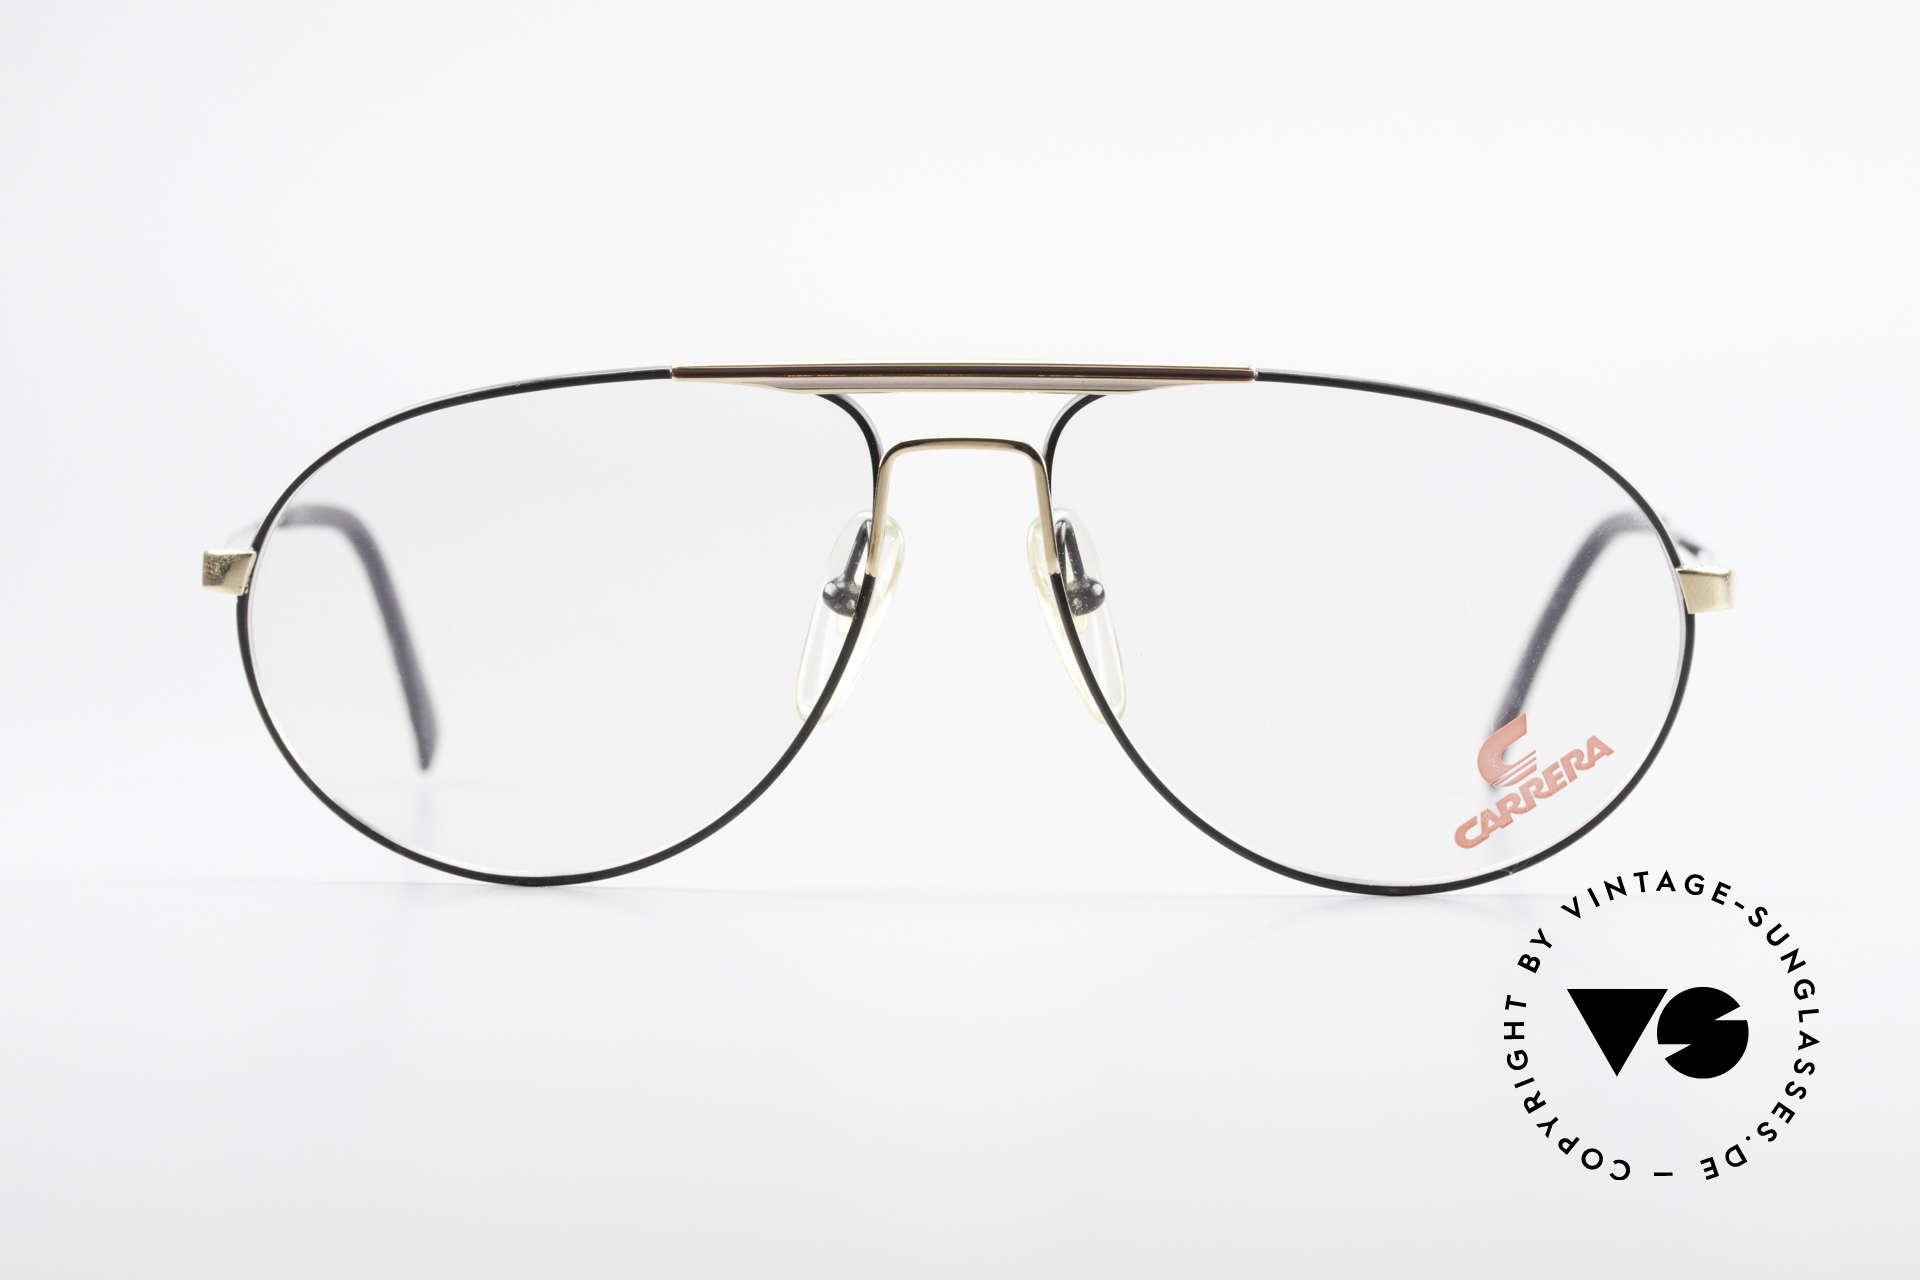 d1aceef884966 Glasses Carrera 5340 90 s Aviator Frame No Retro